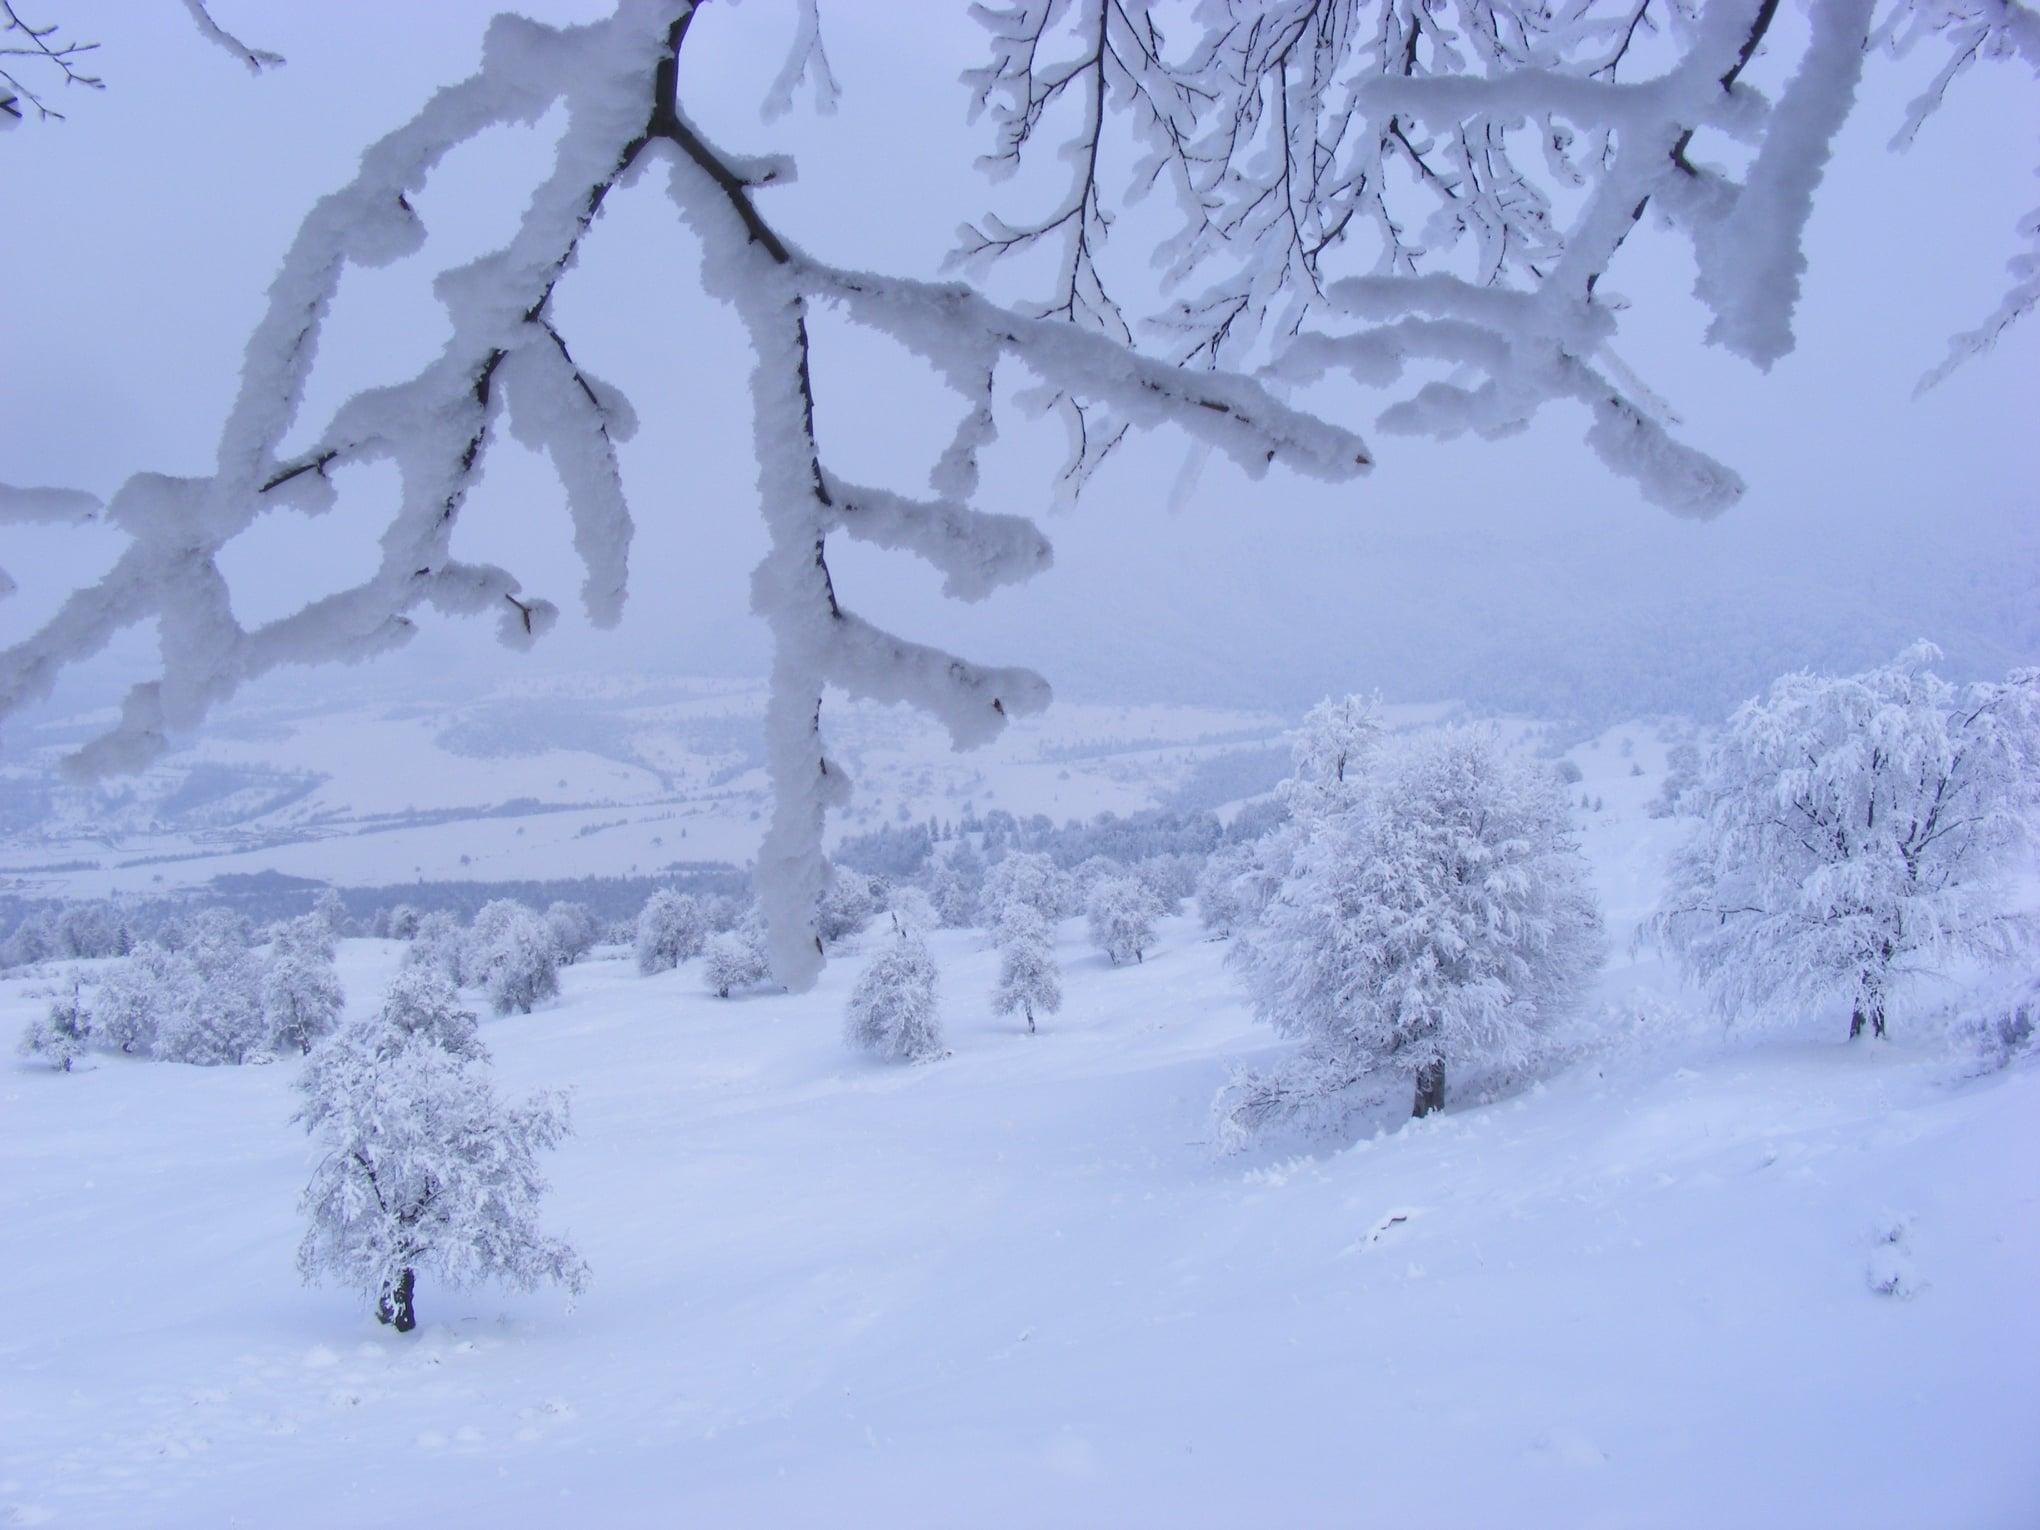 Bucurați-vă de zăpadă! Nu ține mult, vremea se încălzește spre sfârșitul săptămânii